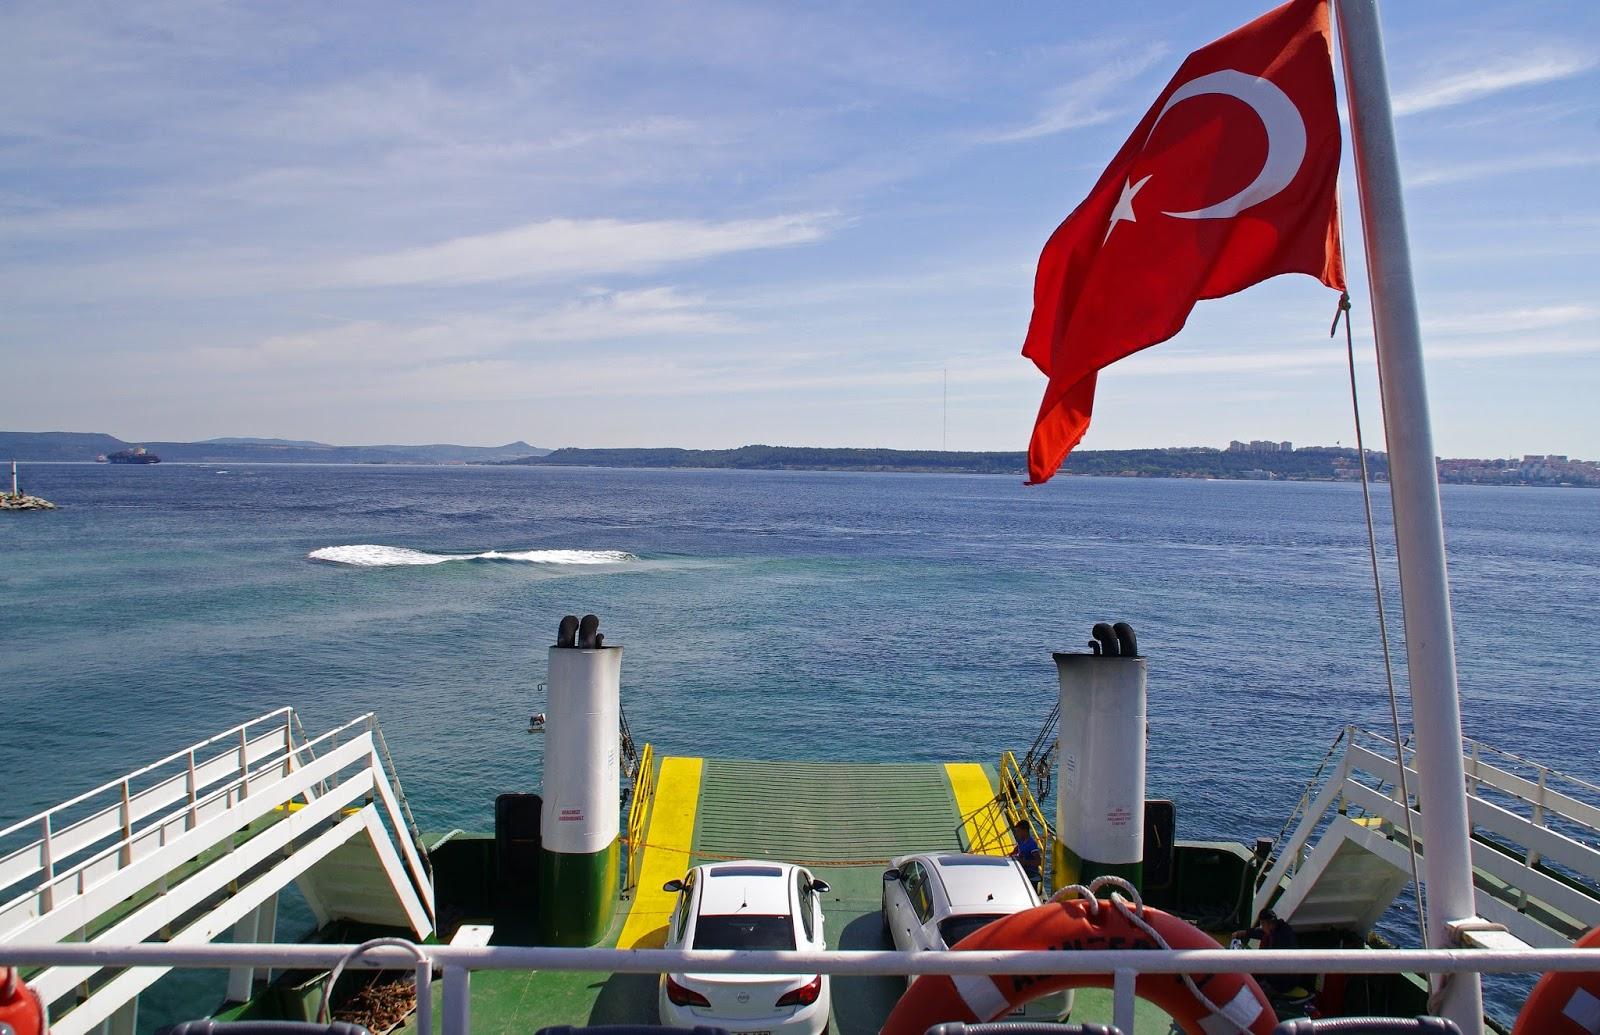 Ferry across Dardanelles Strait